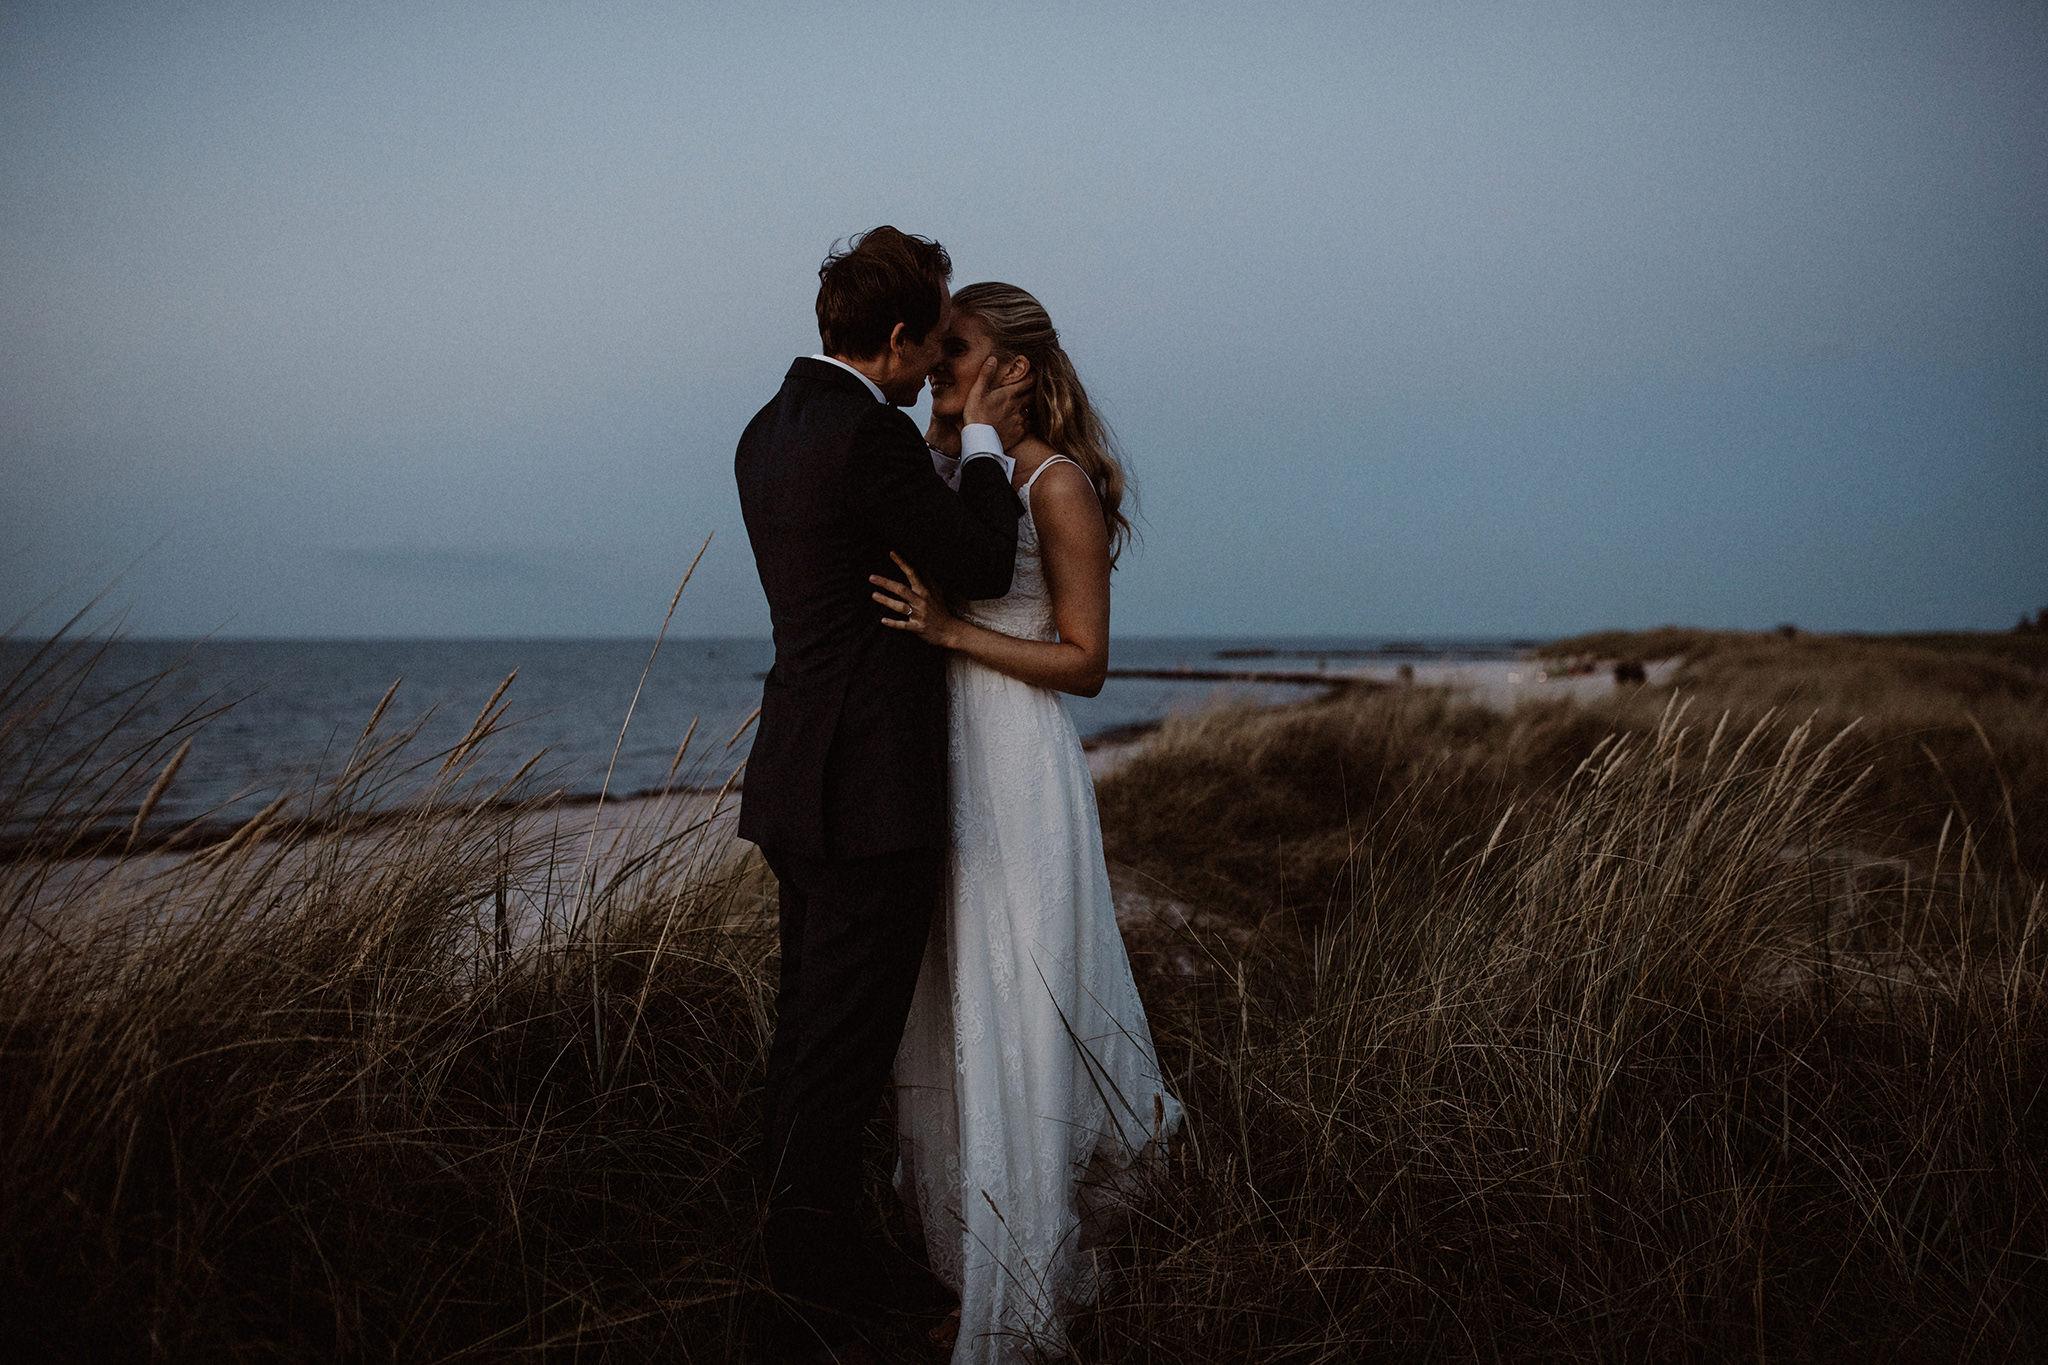 hochzeitsfotografie-kiel-norddeutschland-ostsee-afterwedding-47